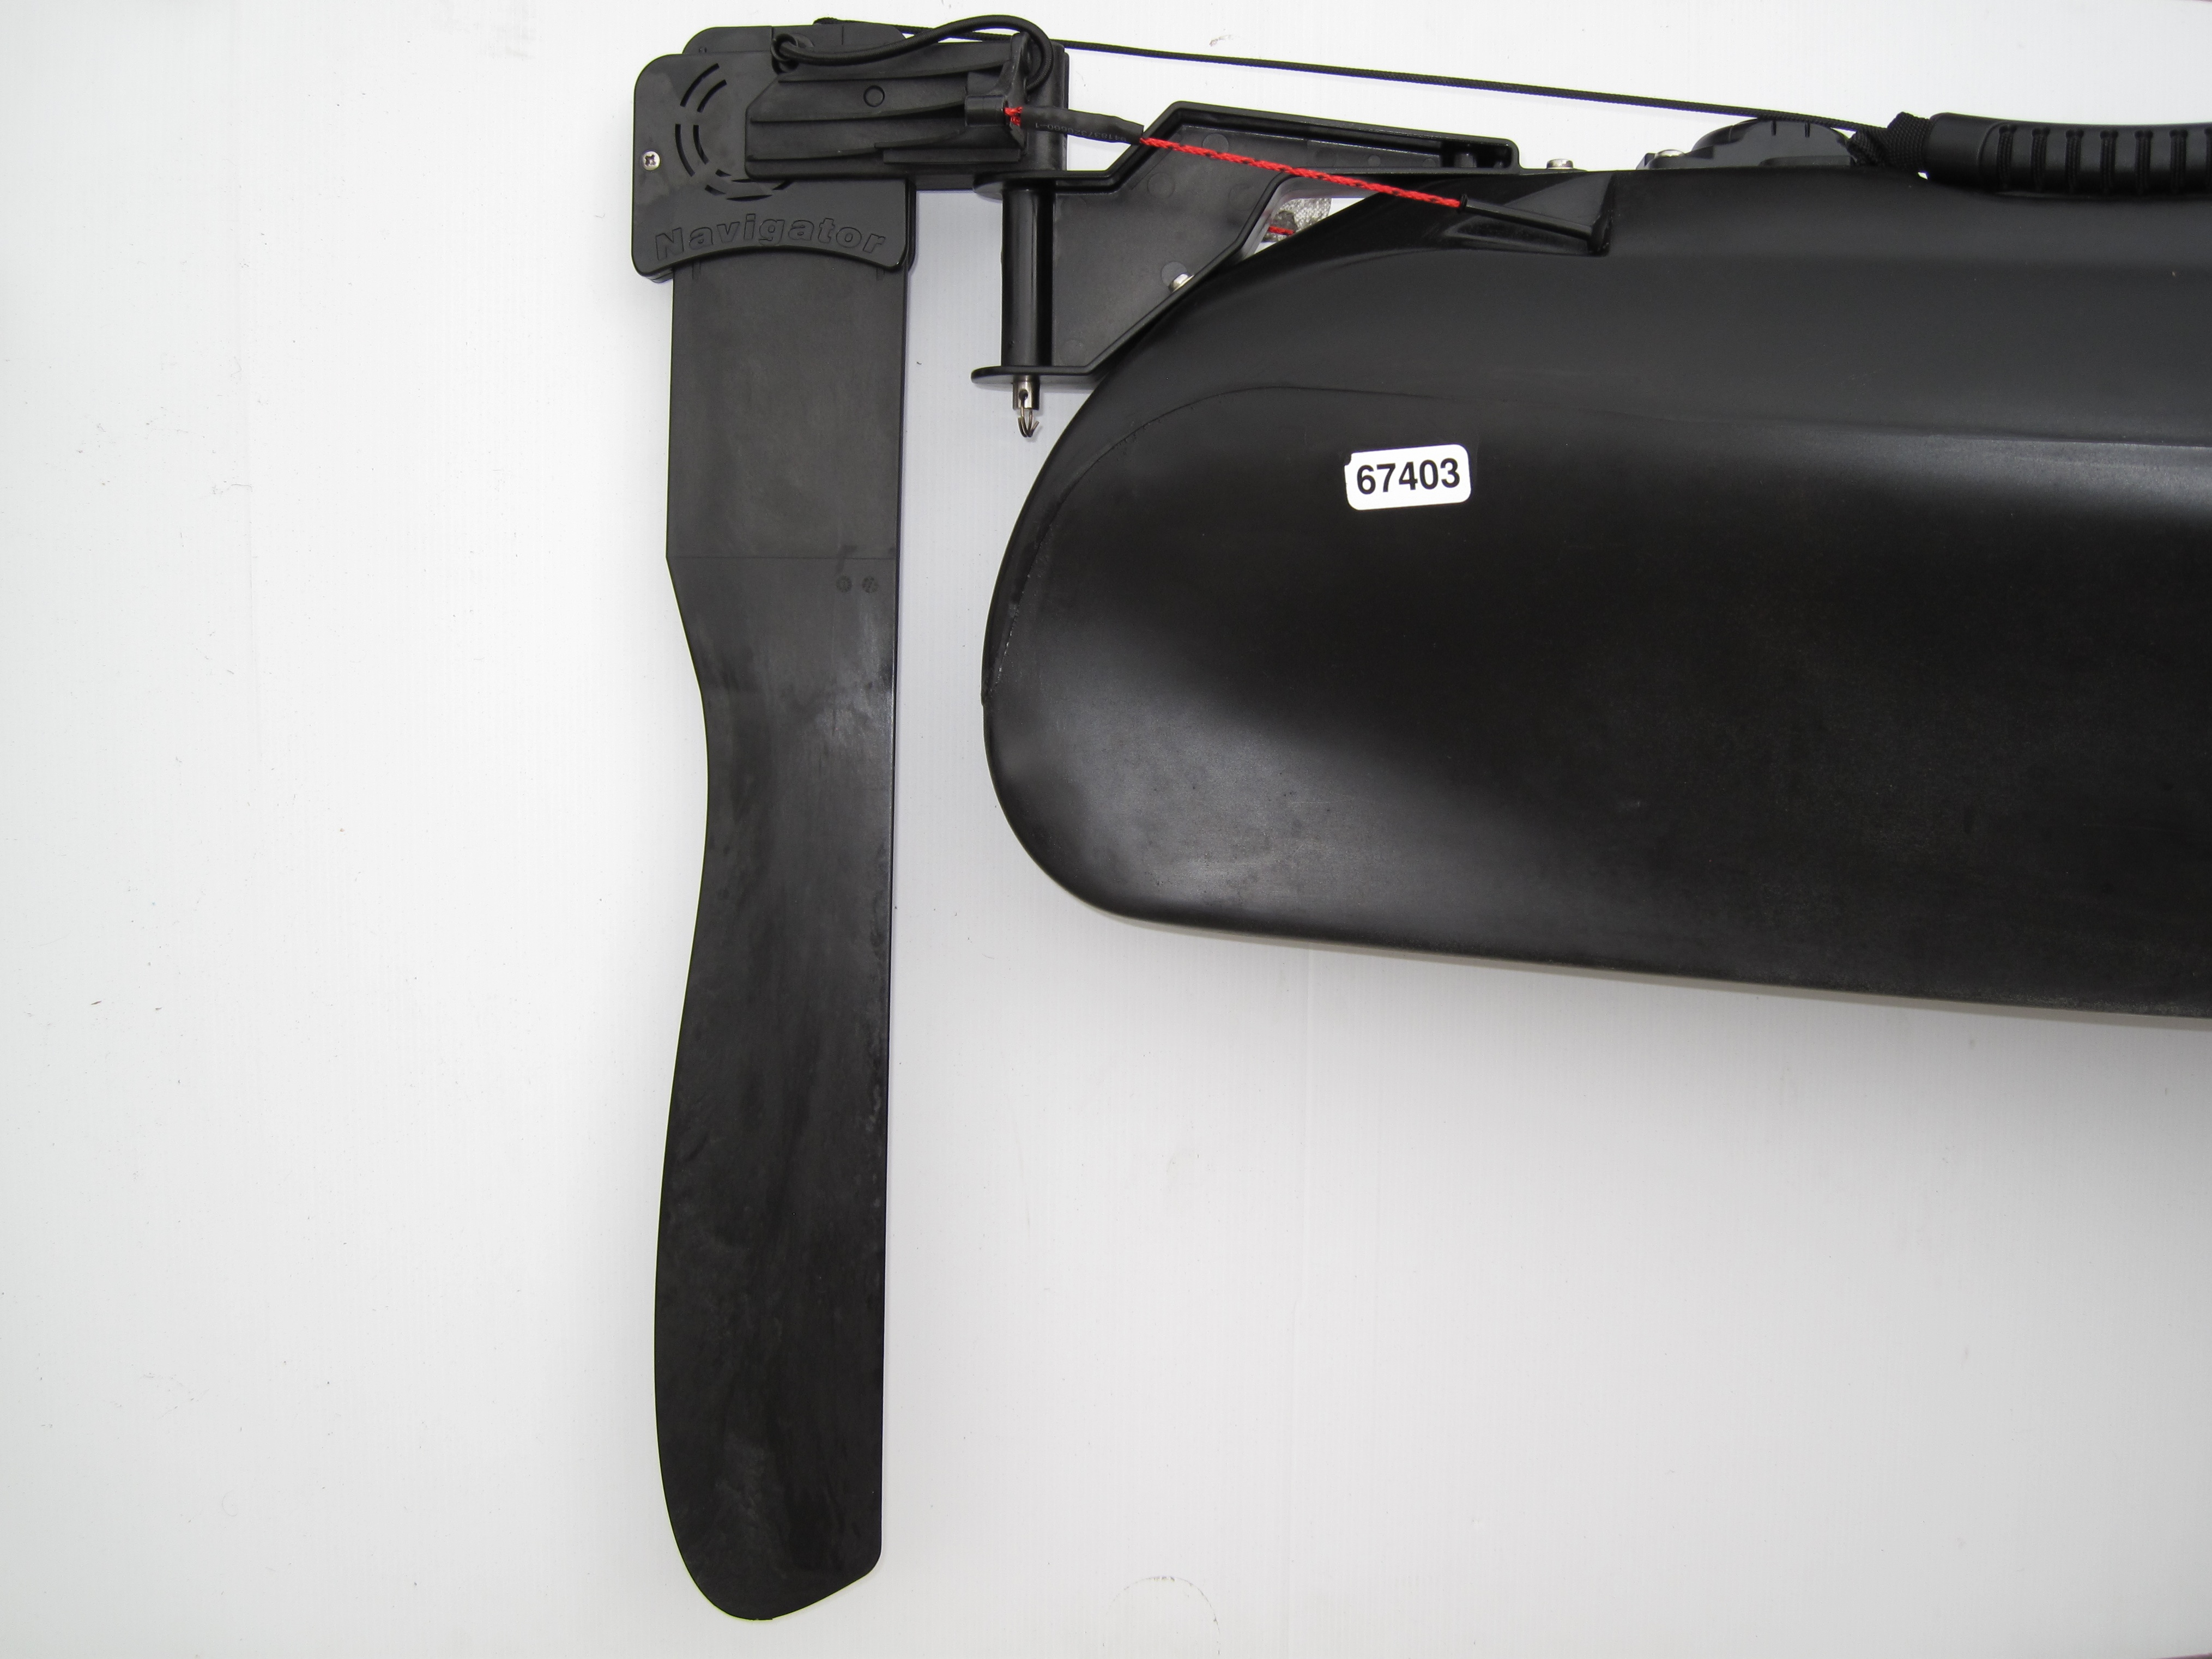 Viking Kayaks Australia - long rudder blade or short?